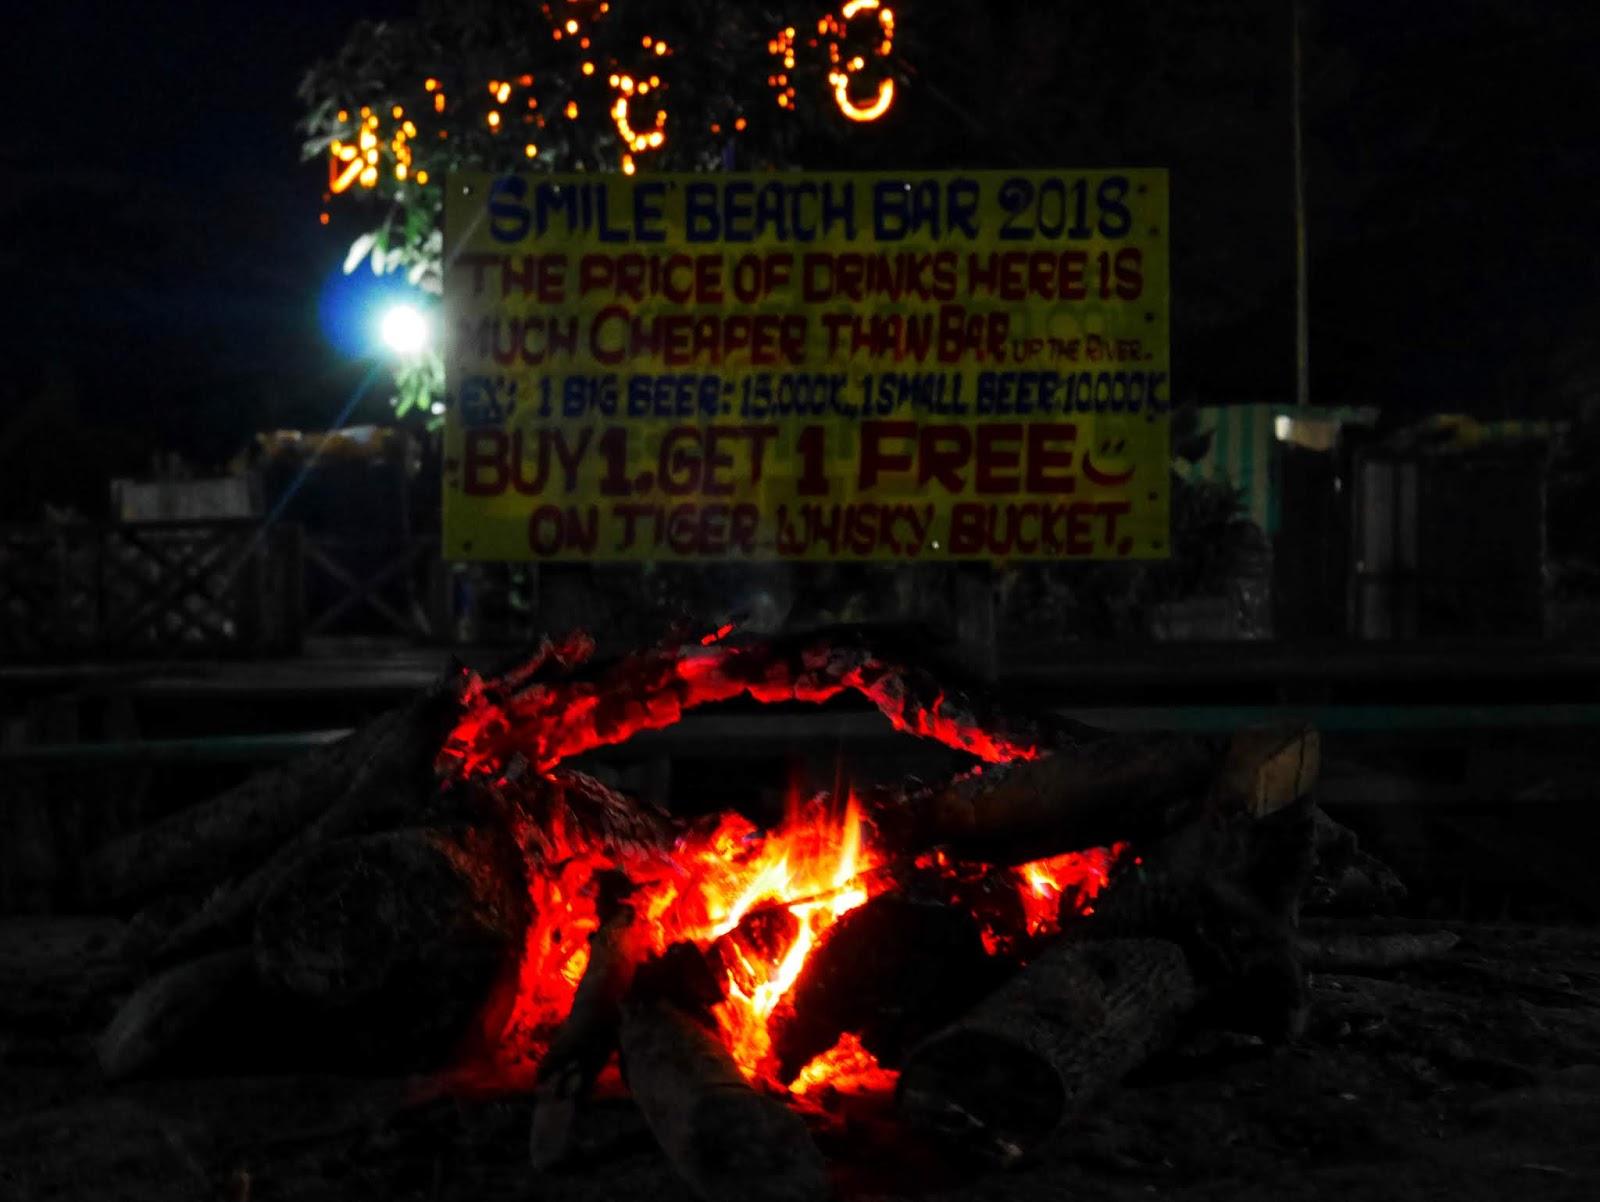 bonfire at Smile Beach Bar, Vang Vieng, Laos